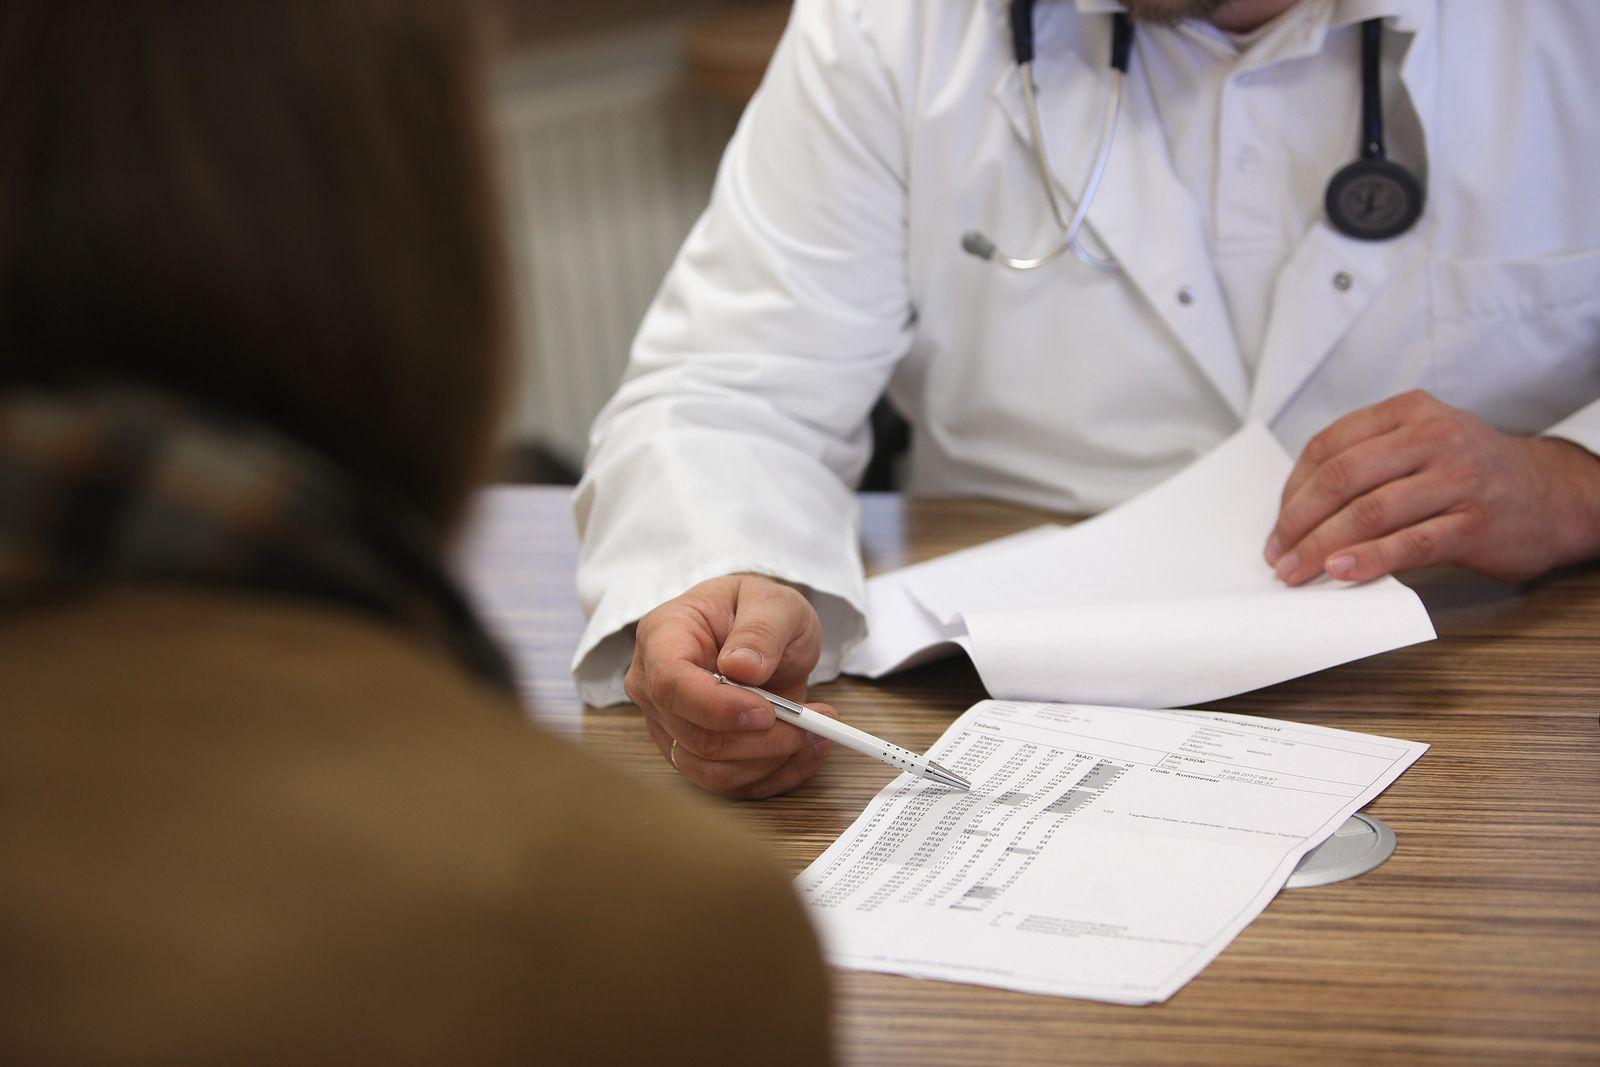 Arzt / Behandlung / Besprechung